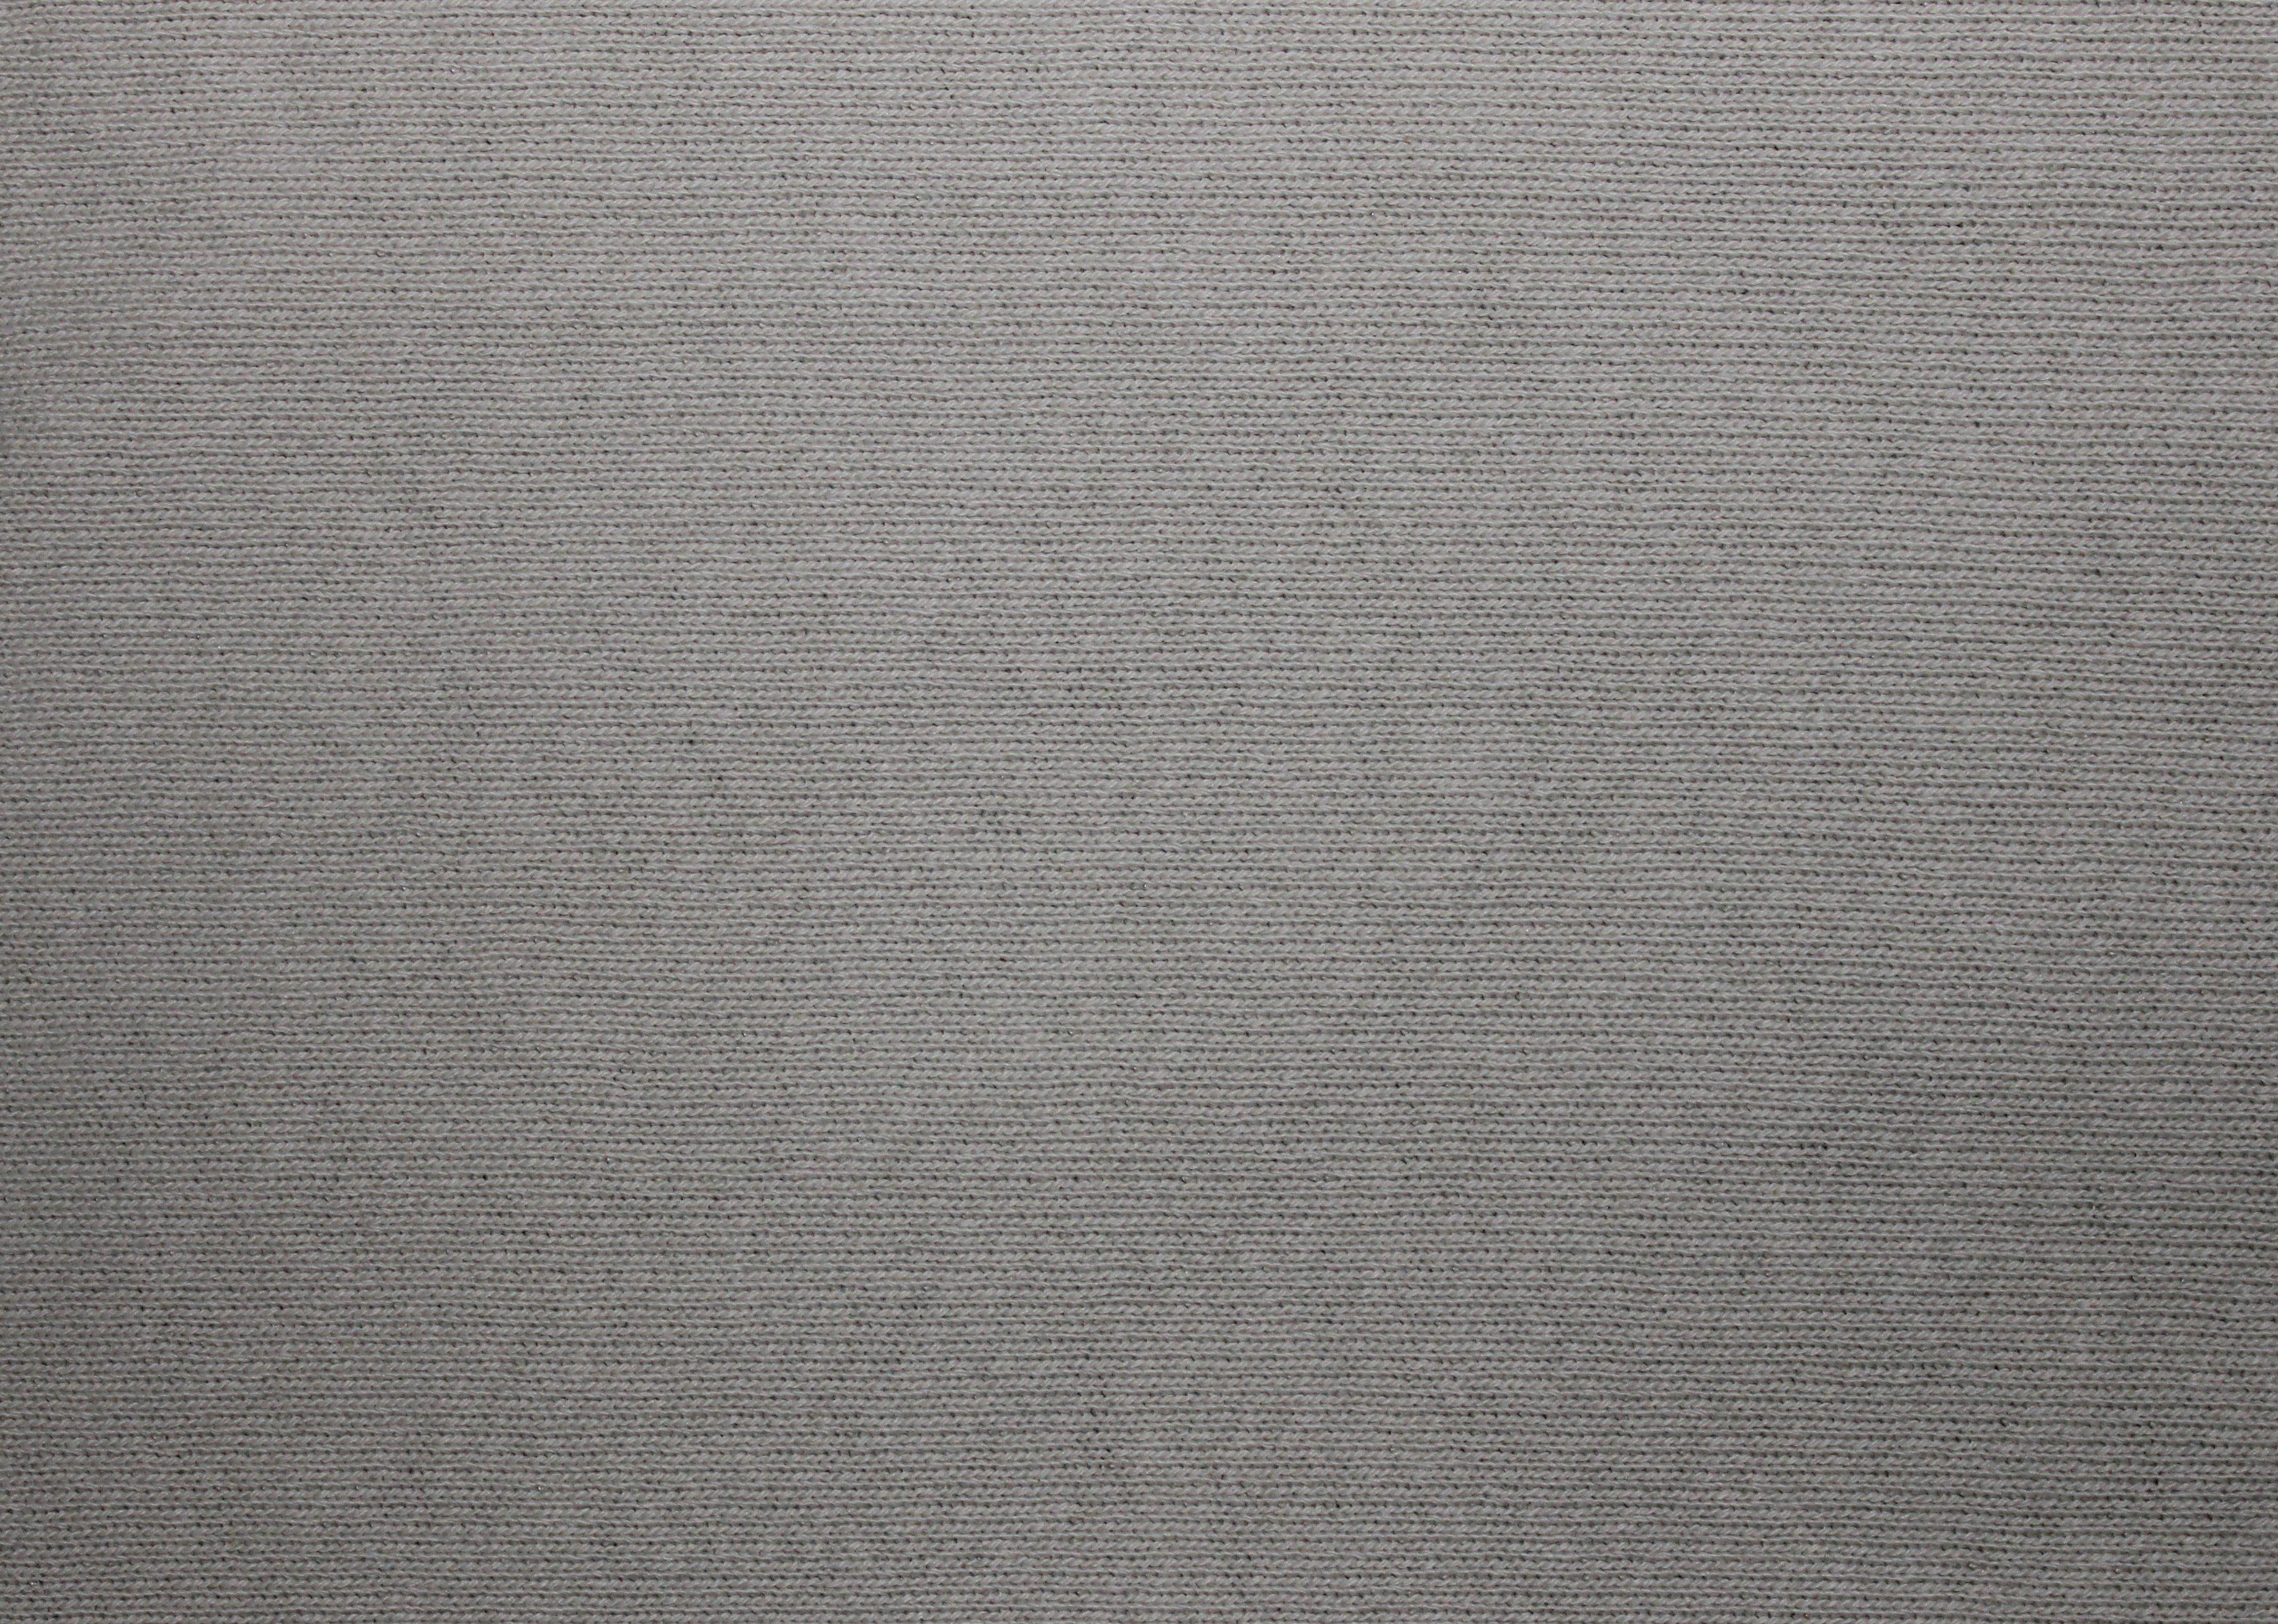 Shirt Texture